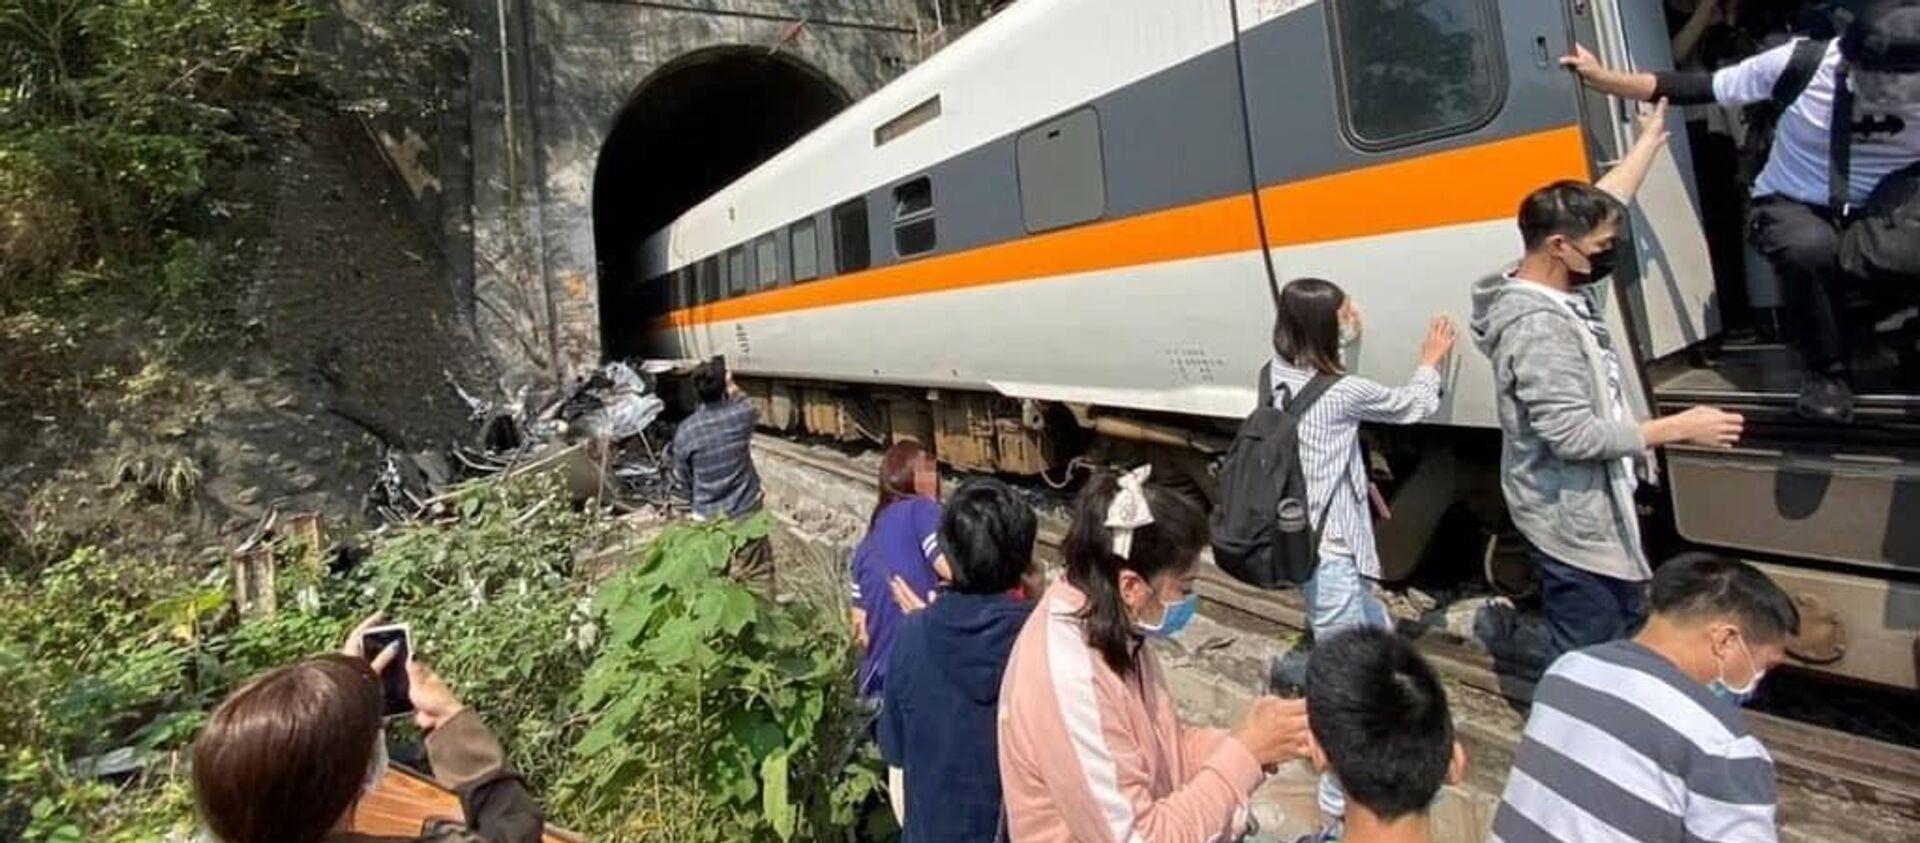 Pociąg pasażerski wykoleił się na Tajwanie - Sputnik Polska, 1920, 02.04.2021